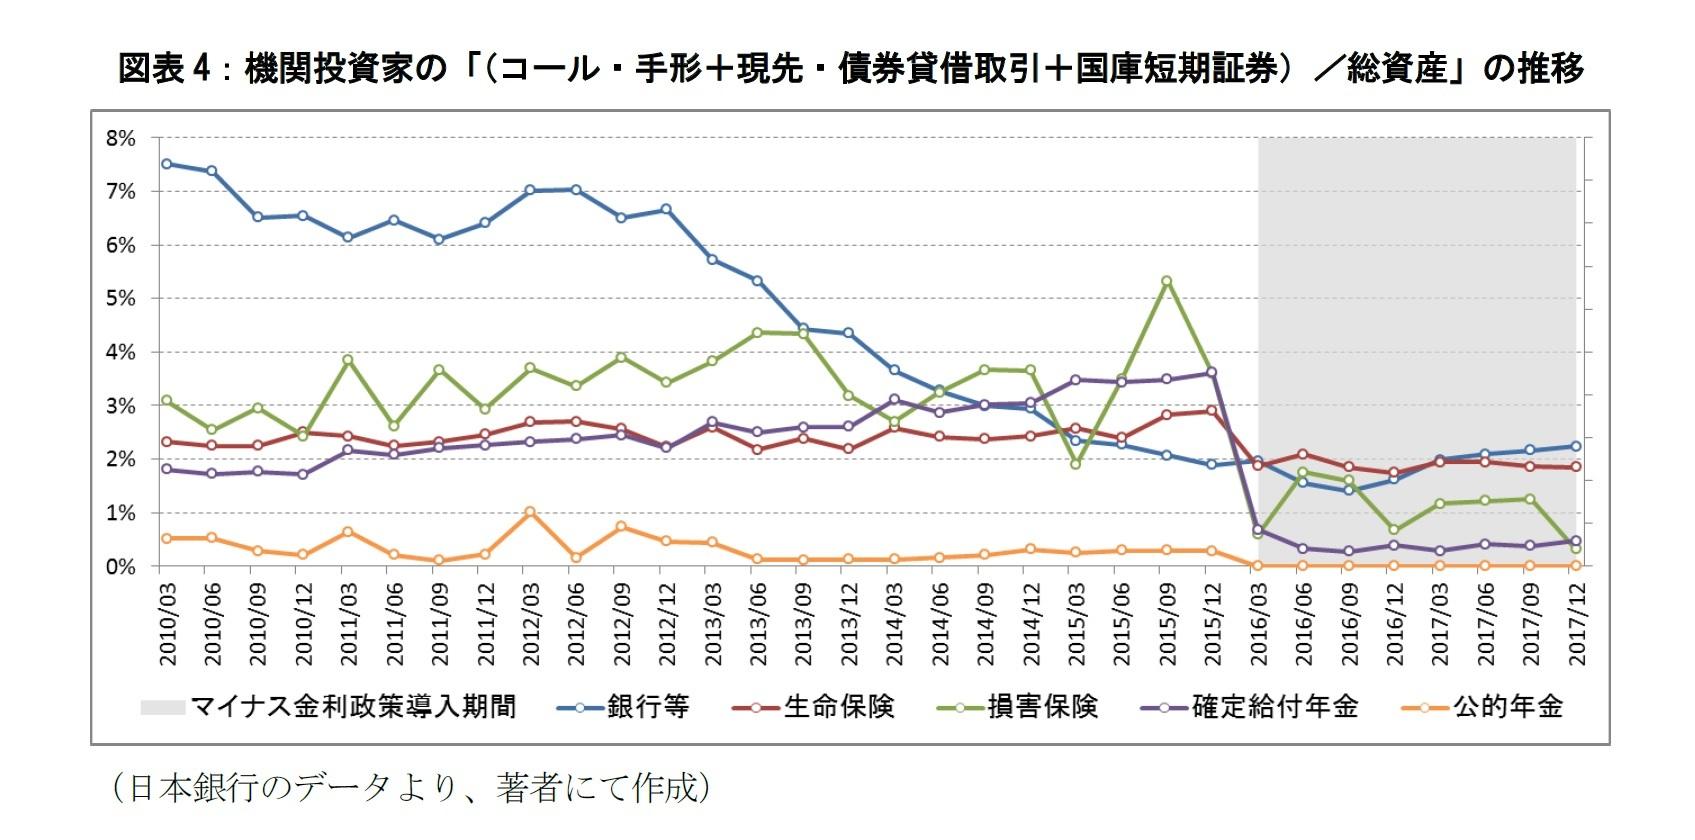 図表4:機関投資家の「(コール・手形+現先・債券貸借取引+国庫短期証券)/総資産」の推移